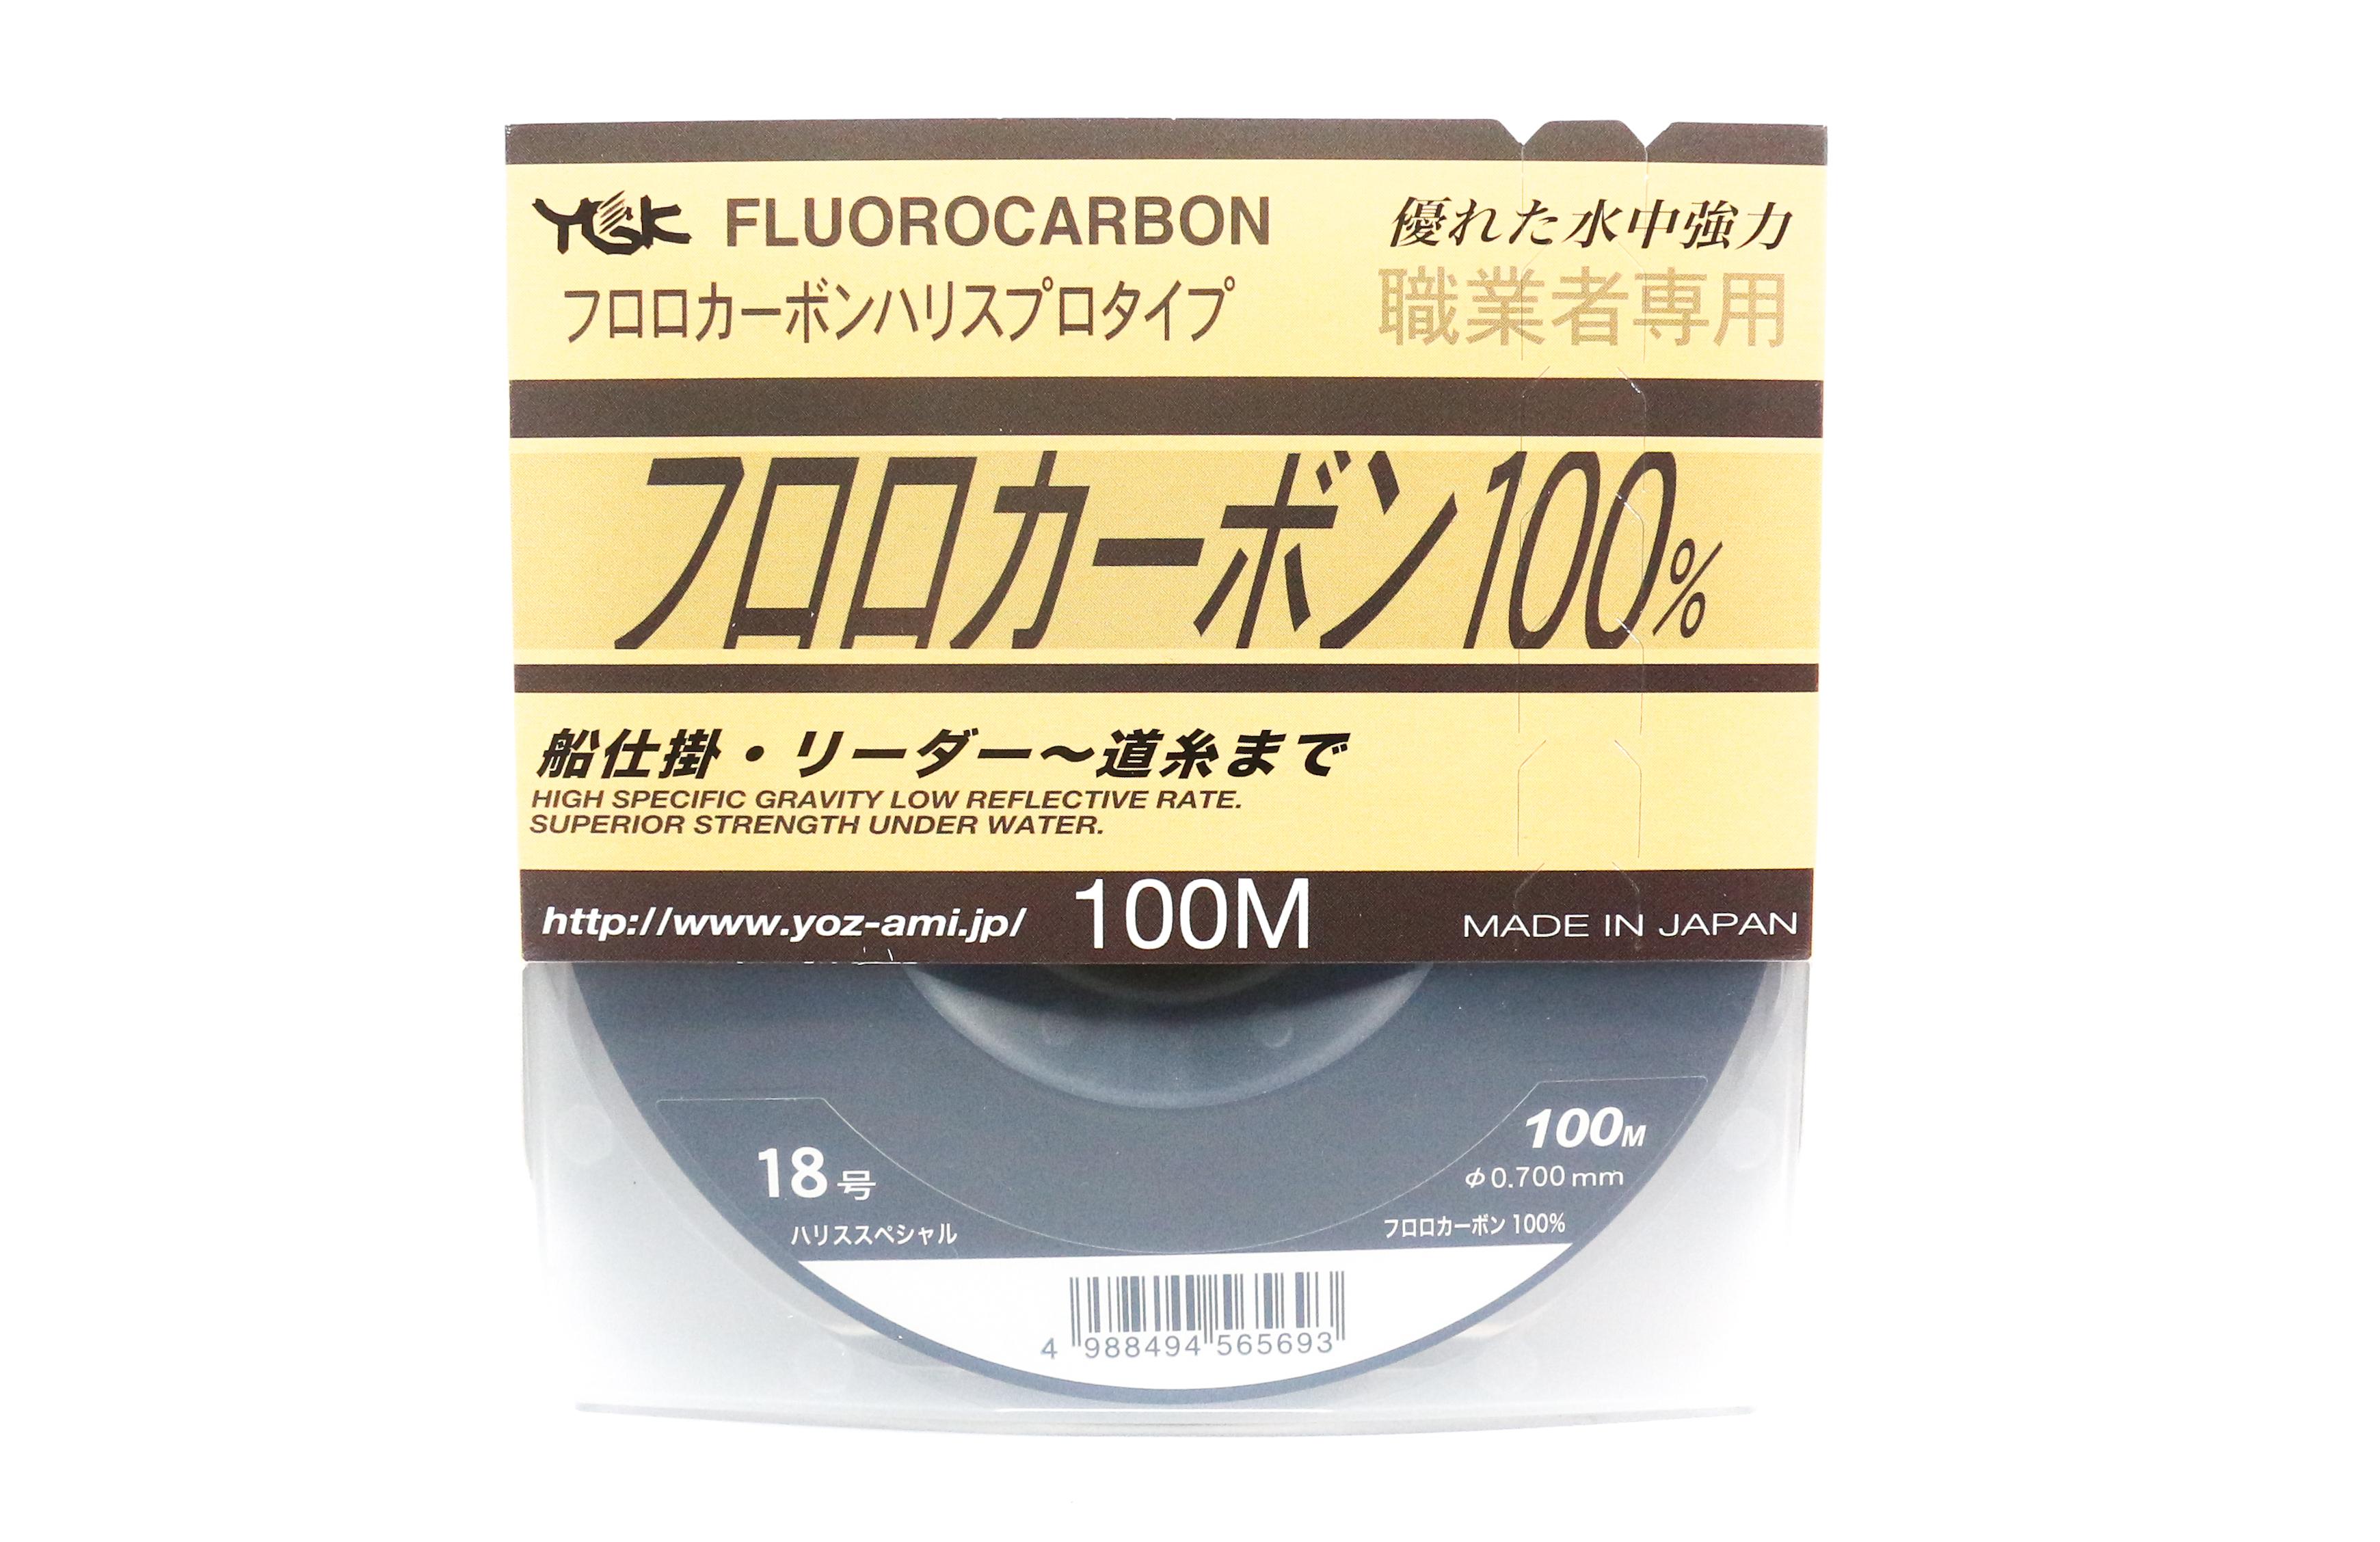 YGK 100% Fluorocarbon Leader Line 100m Size 18 60lb 0.7mm (5693)